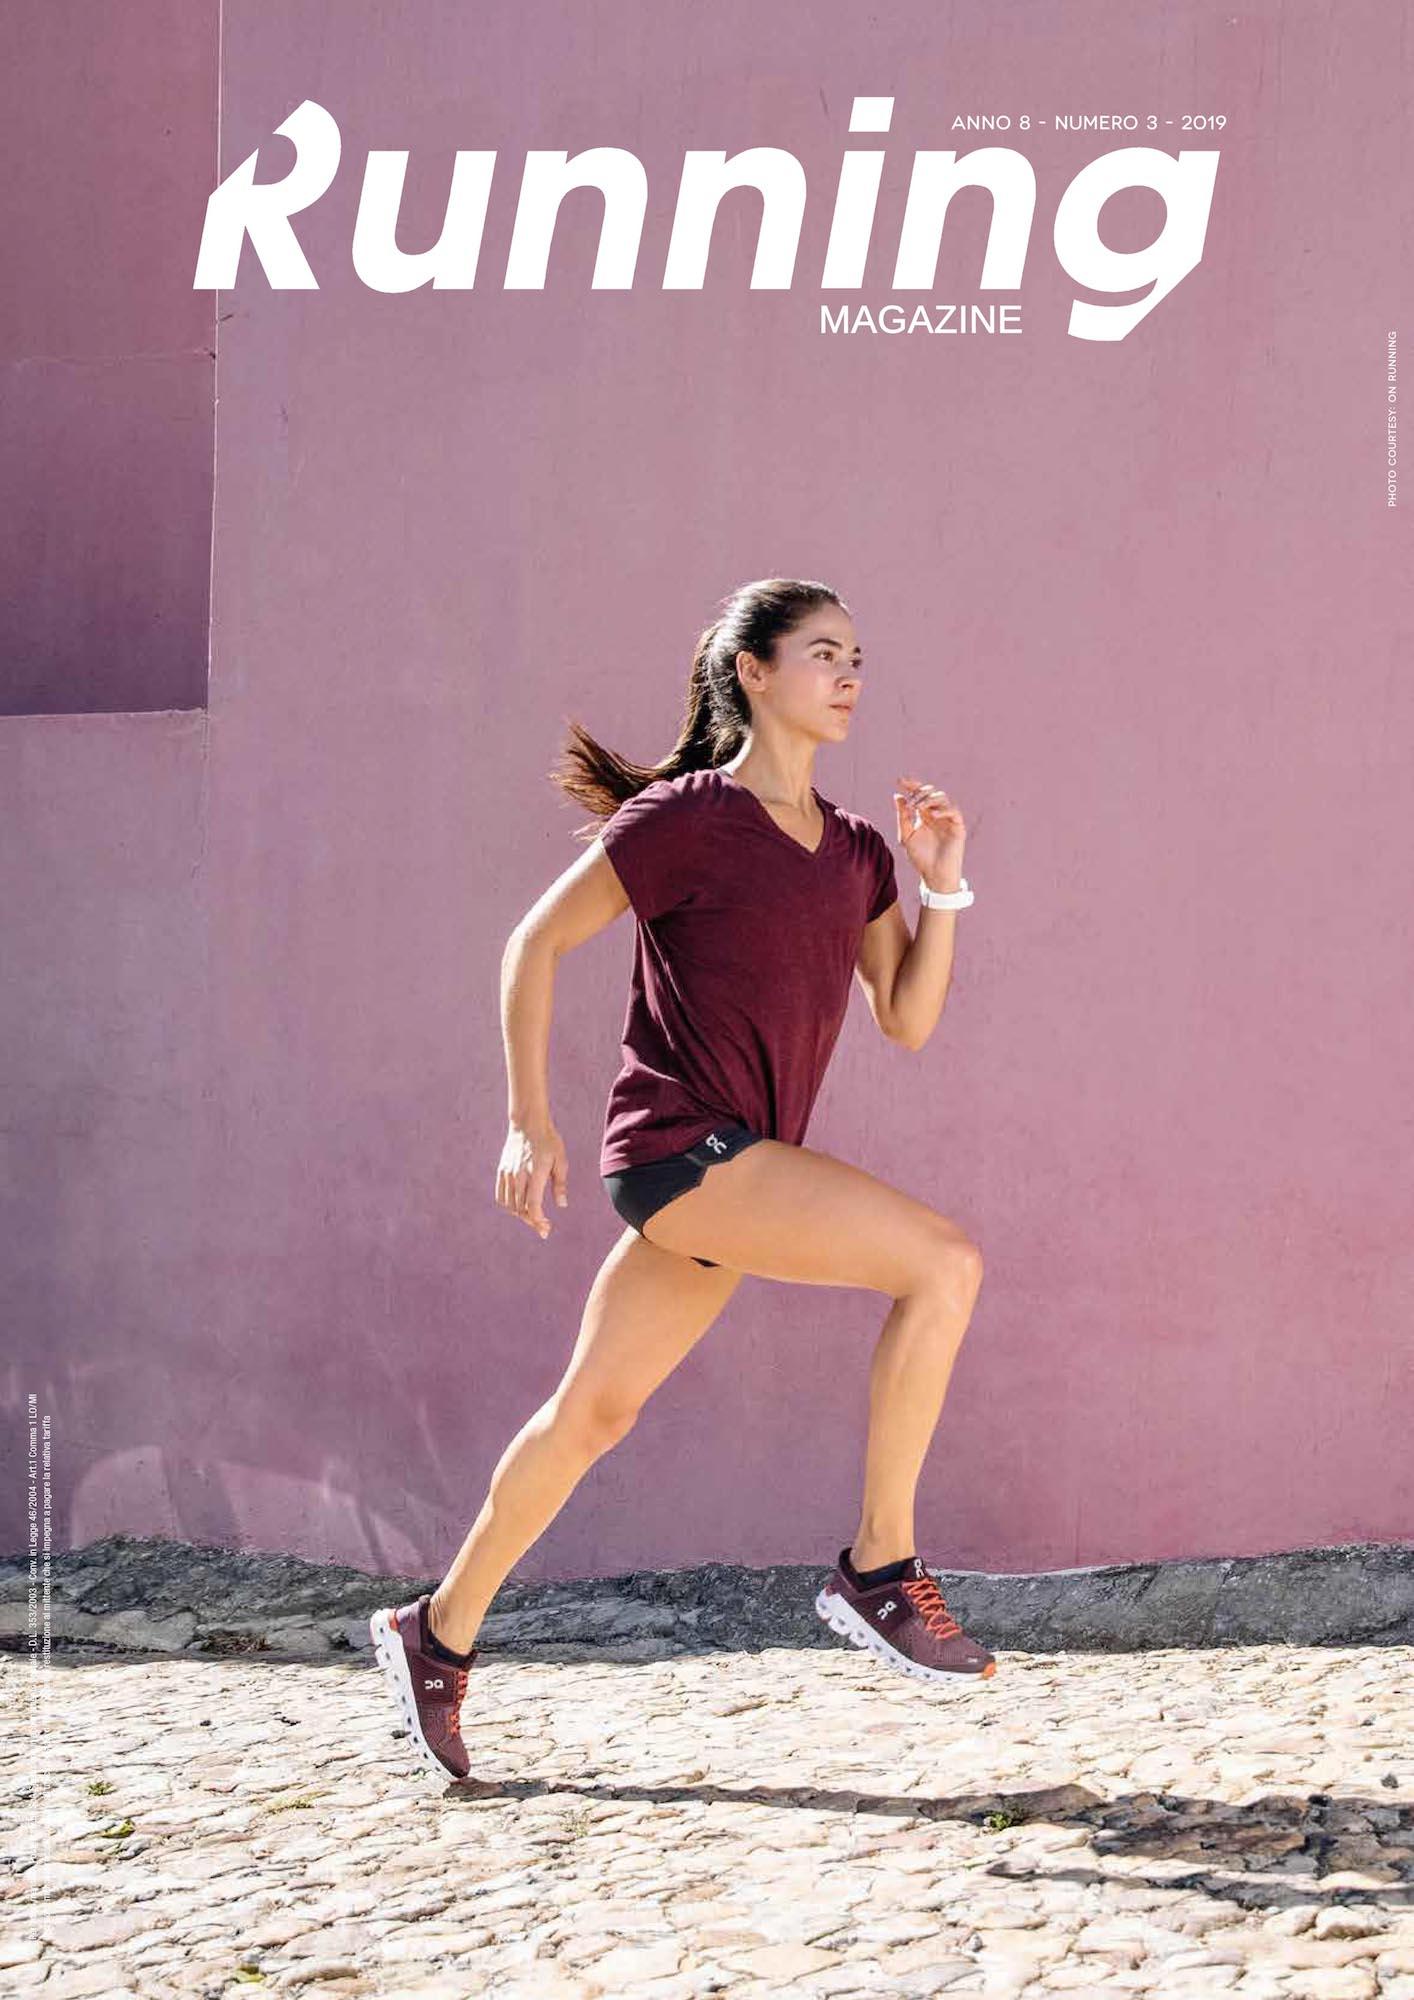 Running Mag 3_2019